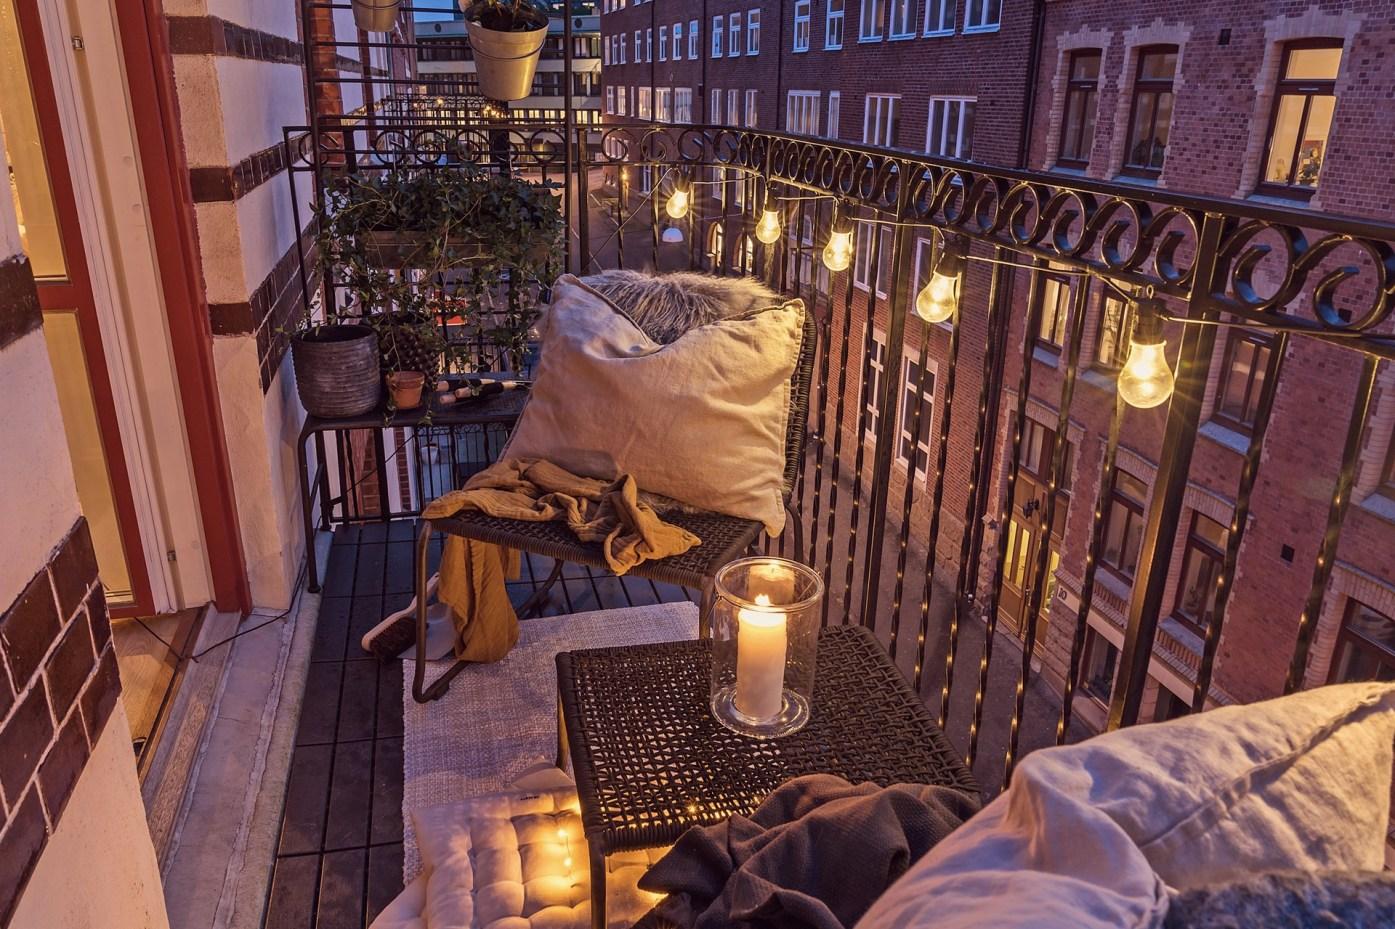 квартира 40 квм гирлянда балкон